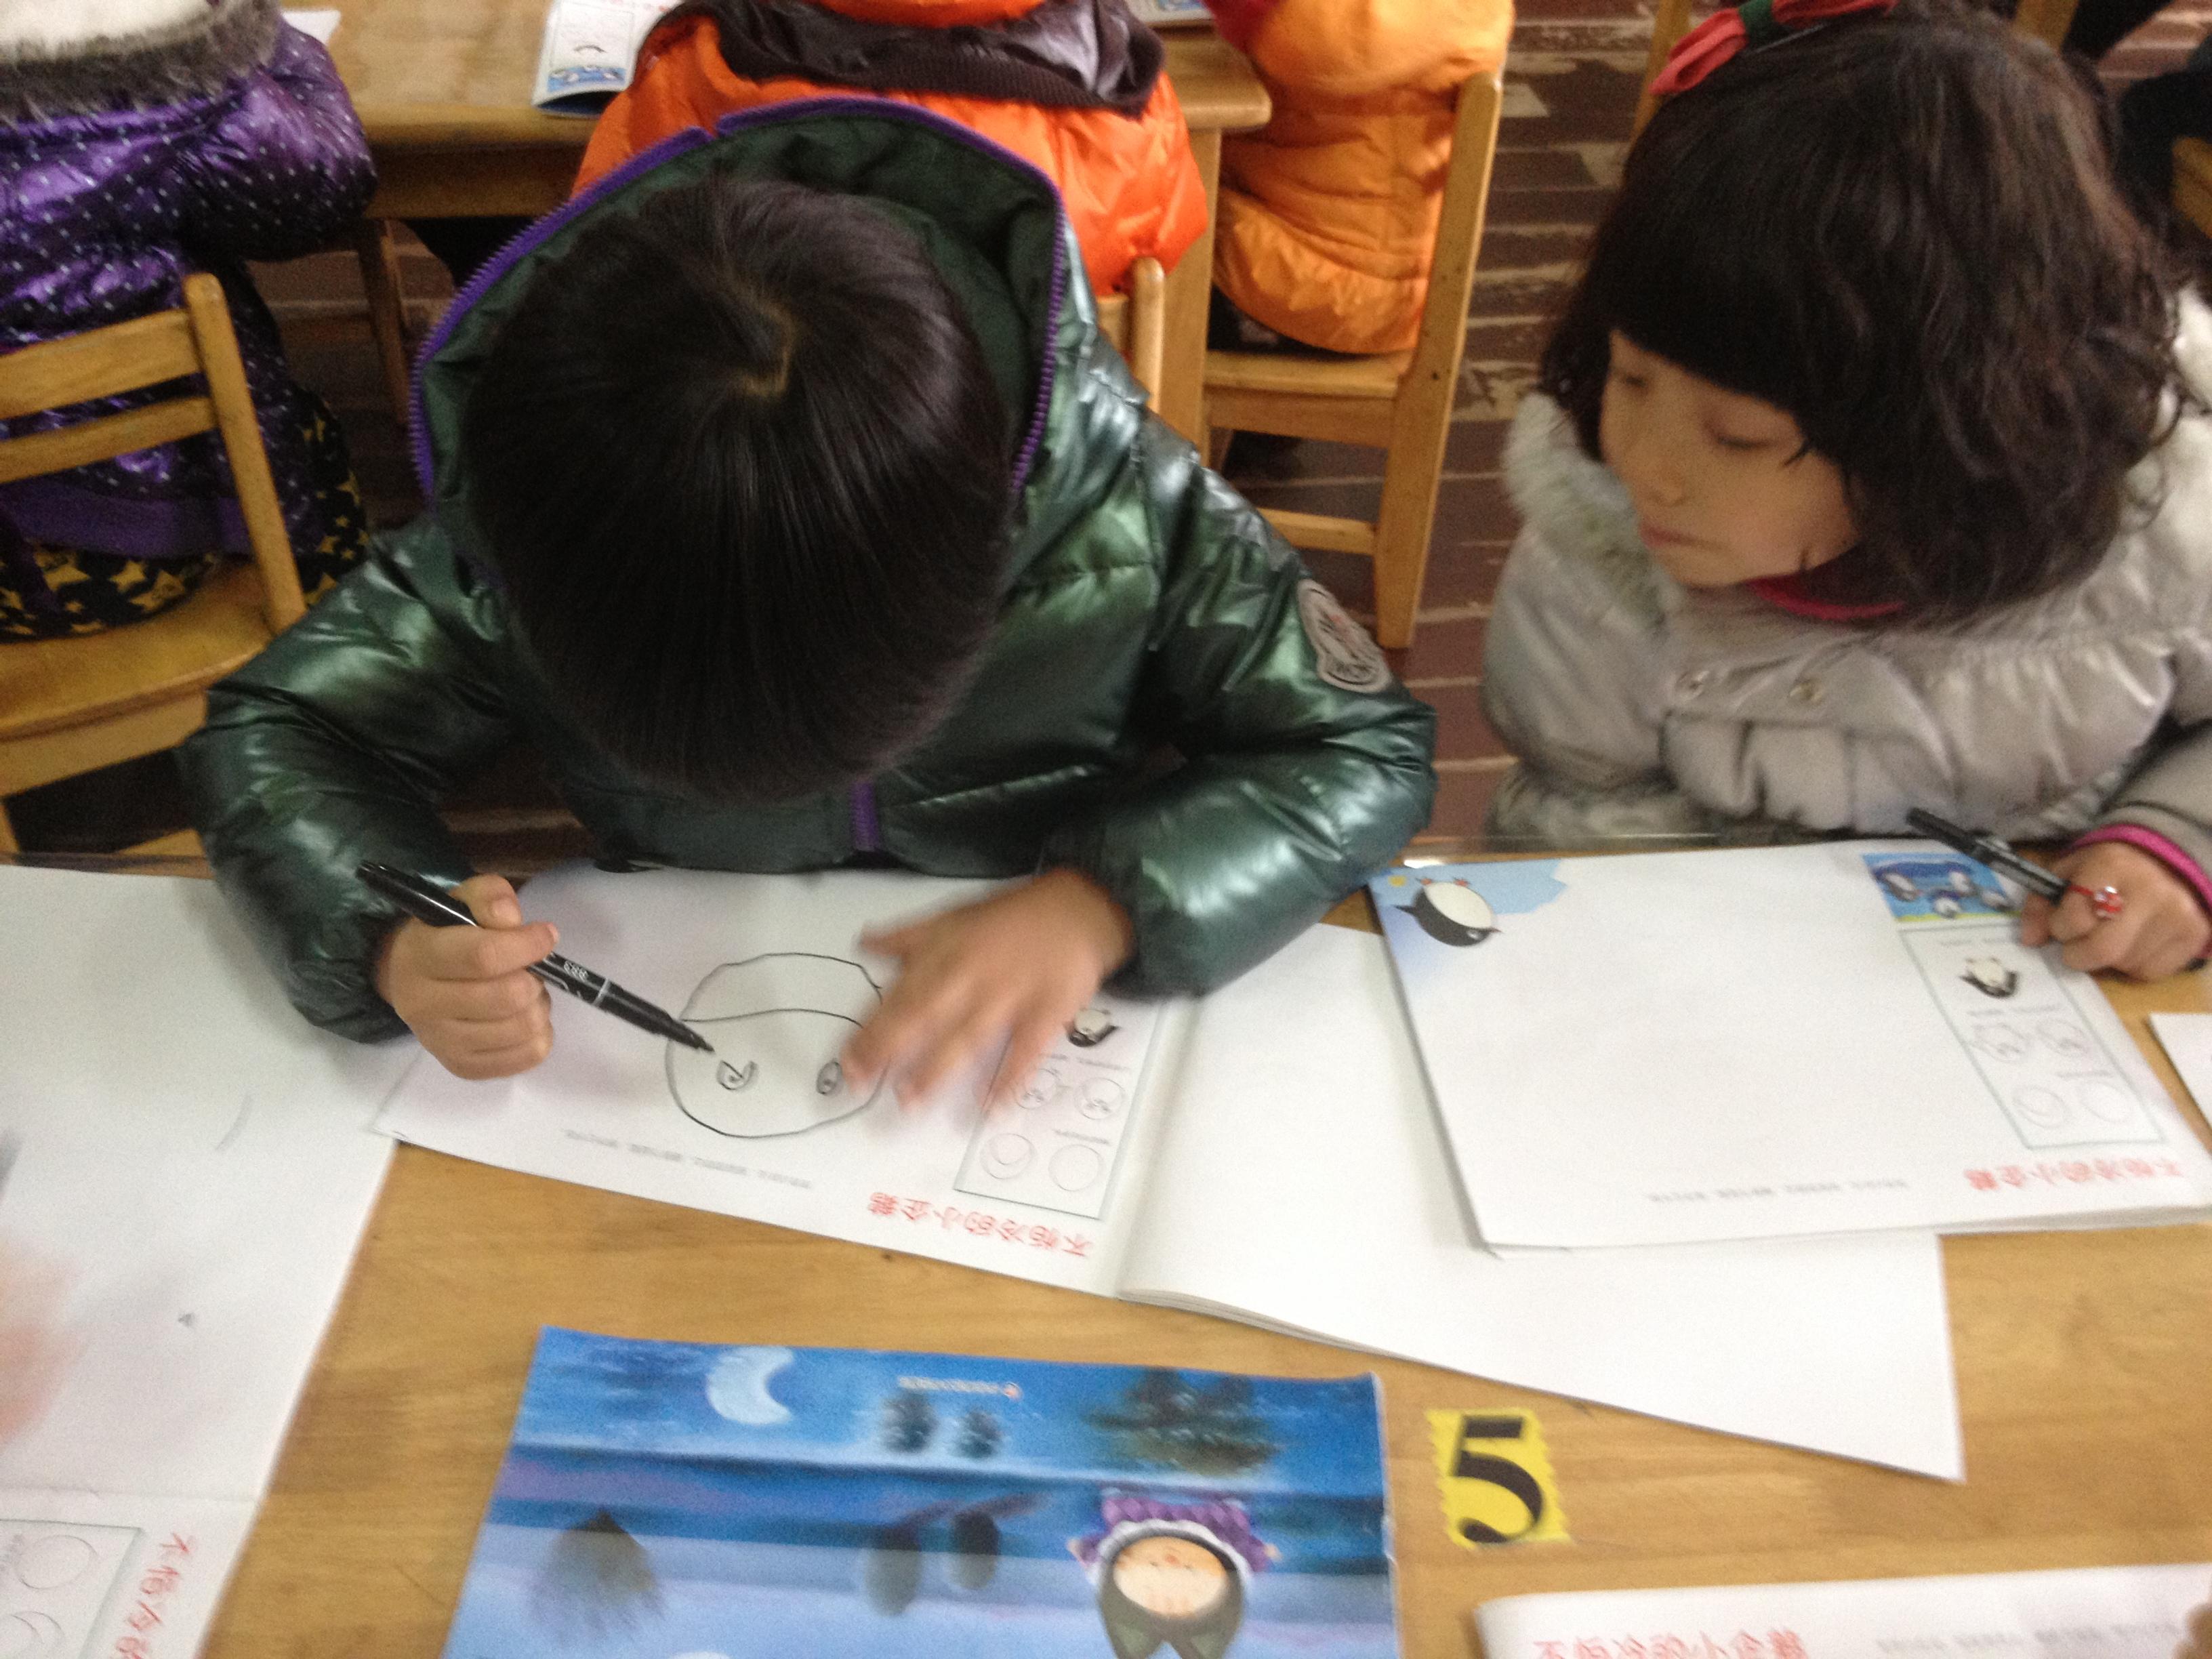 教學目標:   1.體會合作繪畫的樂趣?! ?2.讓幼兒學會畫企鵝的正面像,并嘗試畫企鵝的不同面?! ?活動準備:   CD、磁帶、白紙、畫筆等?! ?活動過程:   1.進入活動場地?! ?師:今天老師準備帶著小朋友一起去南極看看企鵝寶寶,你們想不想去呀?(放音樂《小企鵝真漂亮》,師幼一起邊唱邊跳進入活動室。)   2.導入:看小企鵝波波出生的過程(小企鵝出生的幻燈片),激起幼兒的興趣?! ?A.師:好,我們一起來看看小企鵝。師放片段?! ?B.師:小朋友,剛才請你們看了電影,有誰來告訴老師小企鵝波波